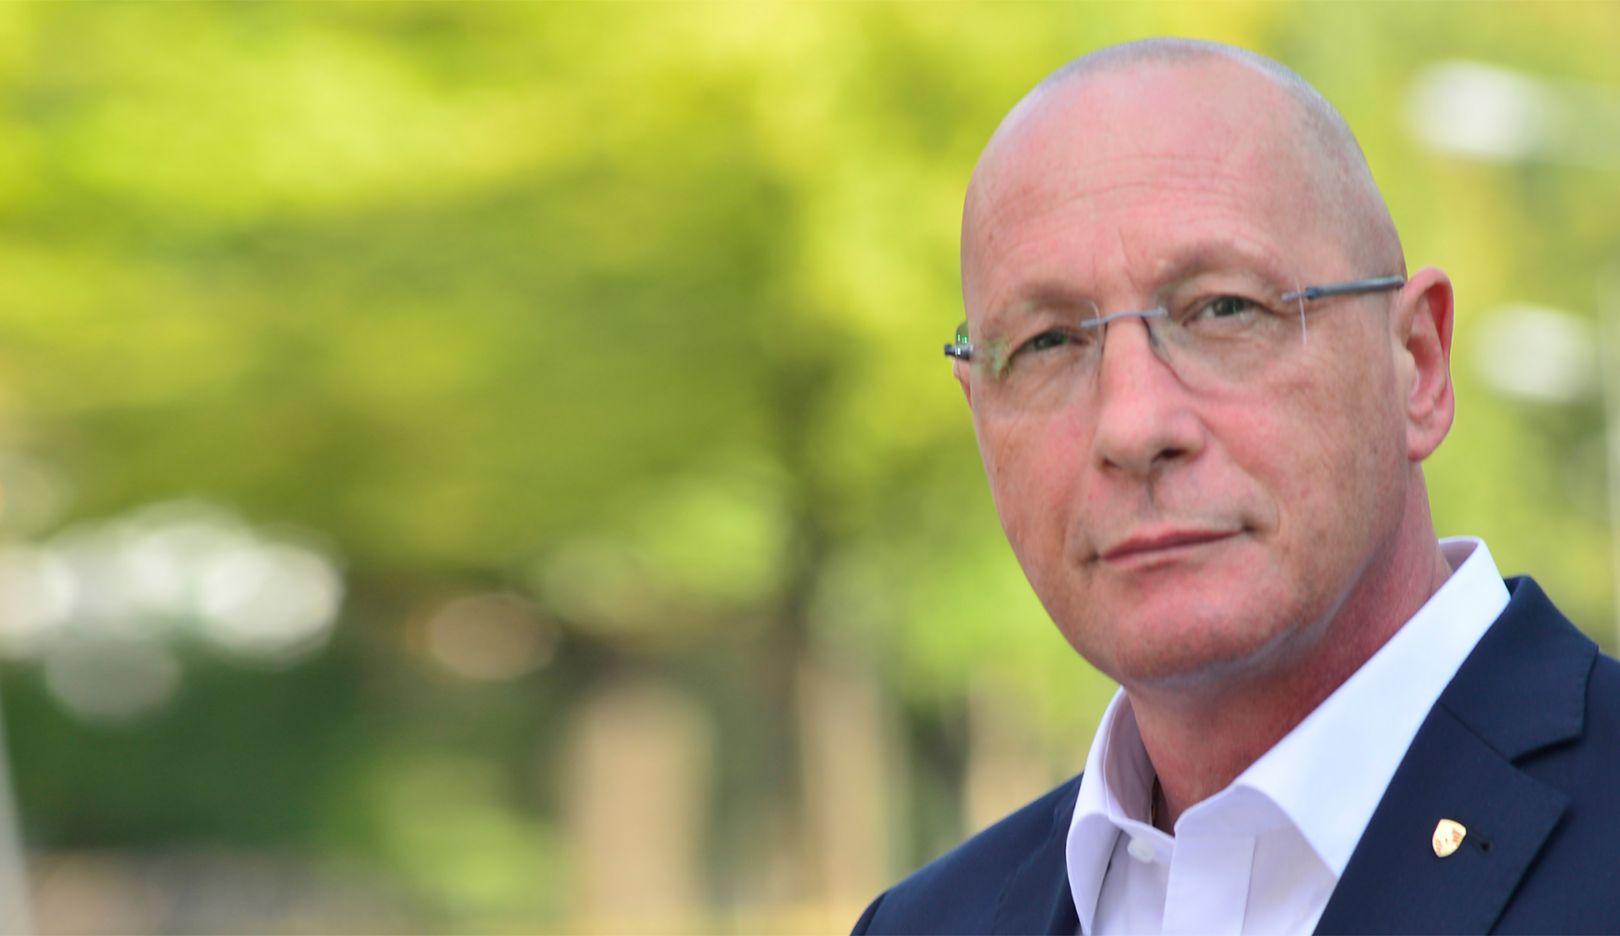 Uwe Hück, Vorsitzender des Gesamt- und Konzernbetriebsrats und stellvertretender Aufsichtsratsvorsitzender, 2016, Porsche AG